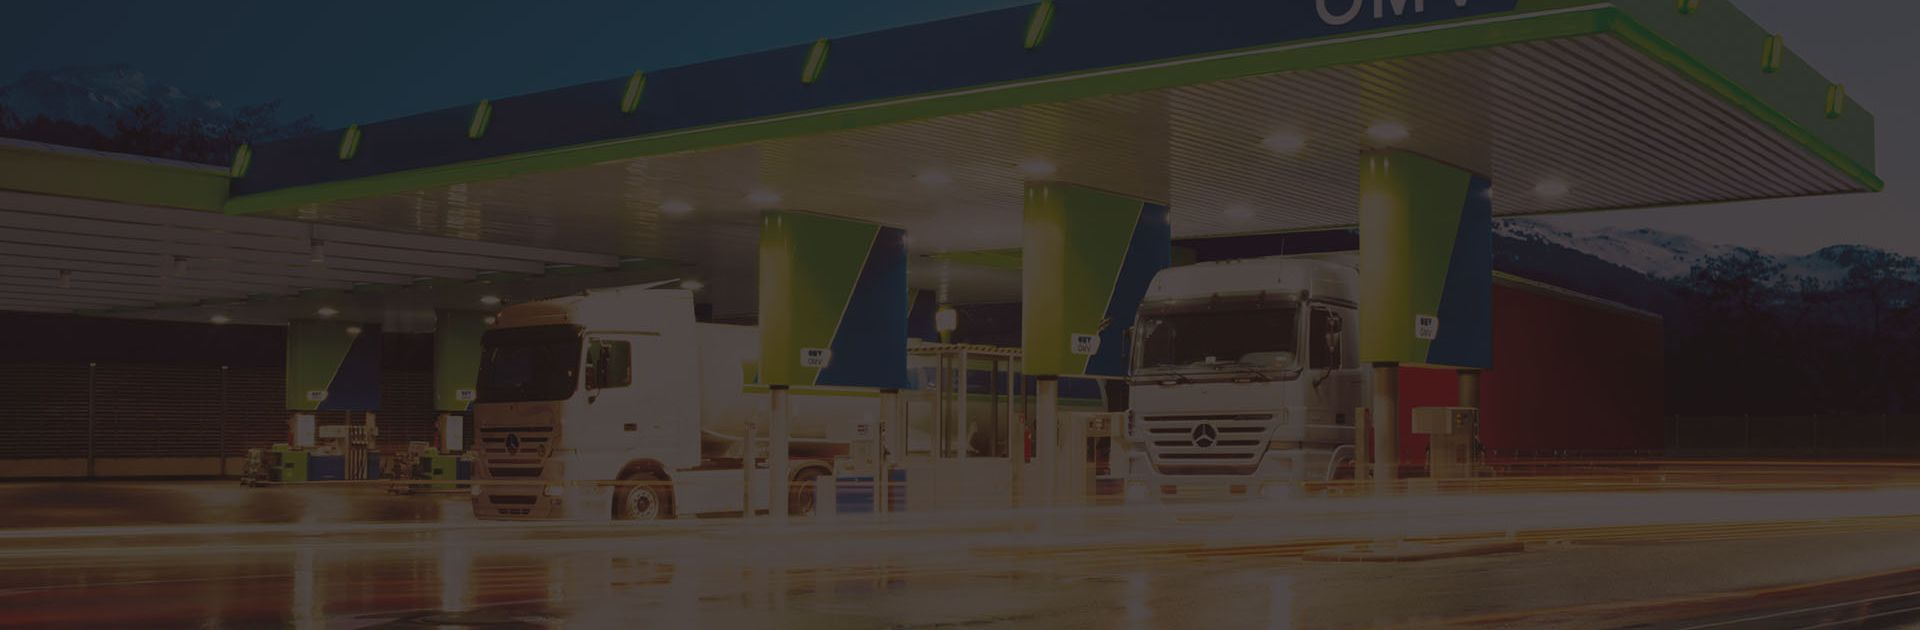 Az OMV Hungária Kft üzemanyag-nagykereskedelmi partnereként